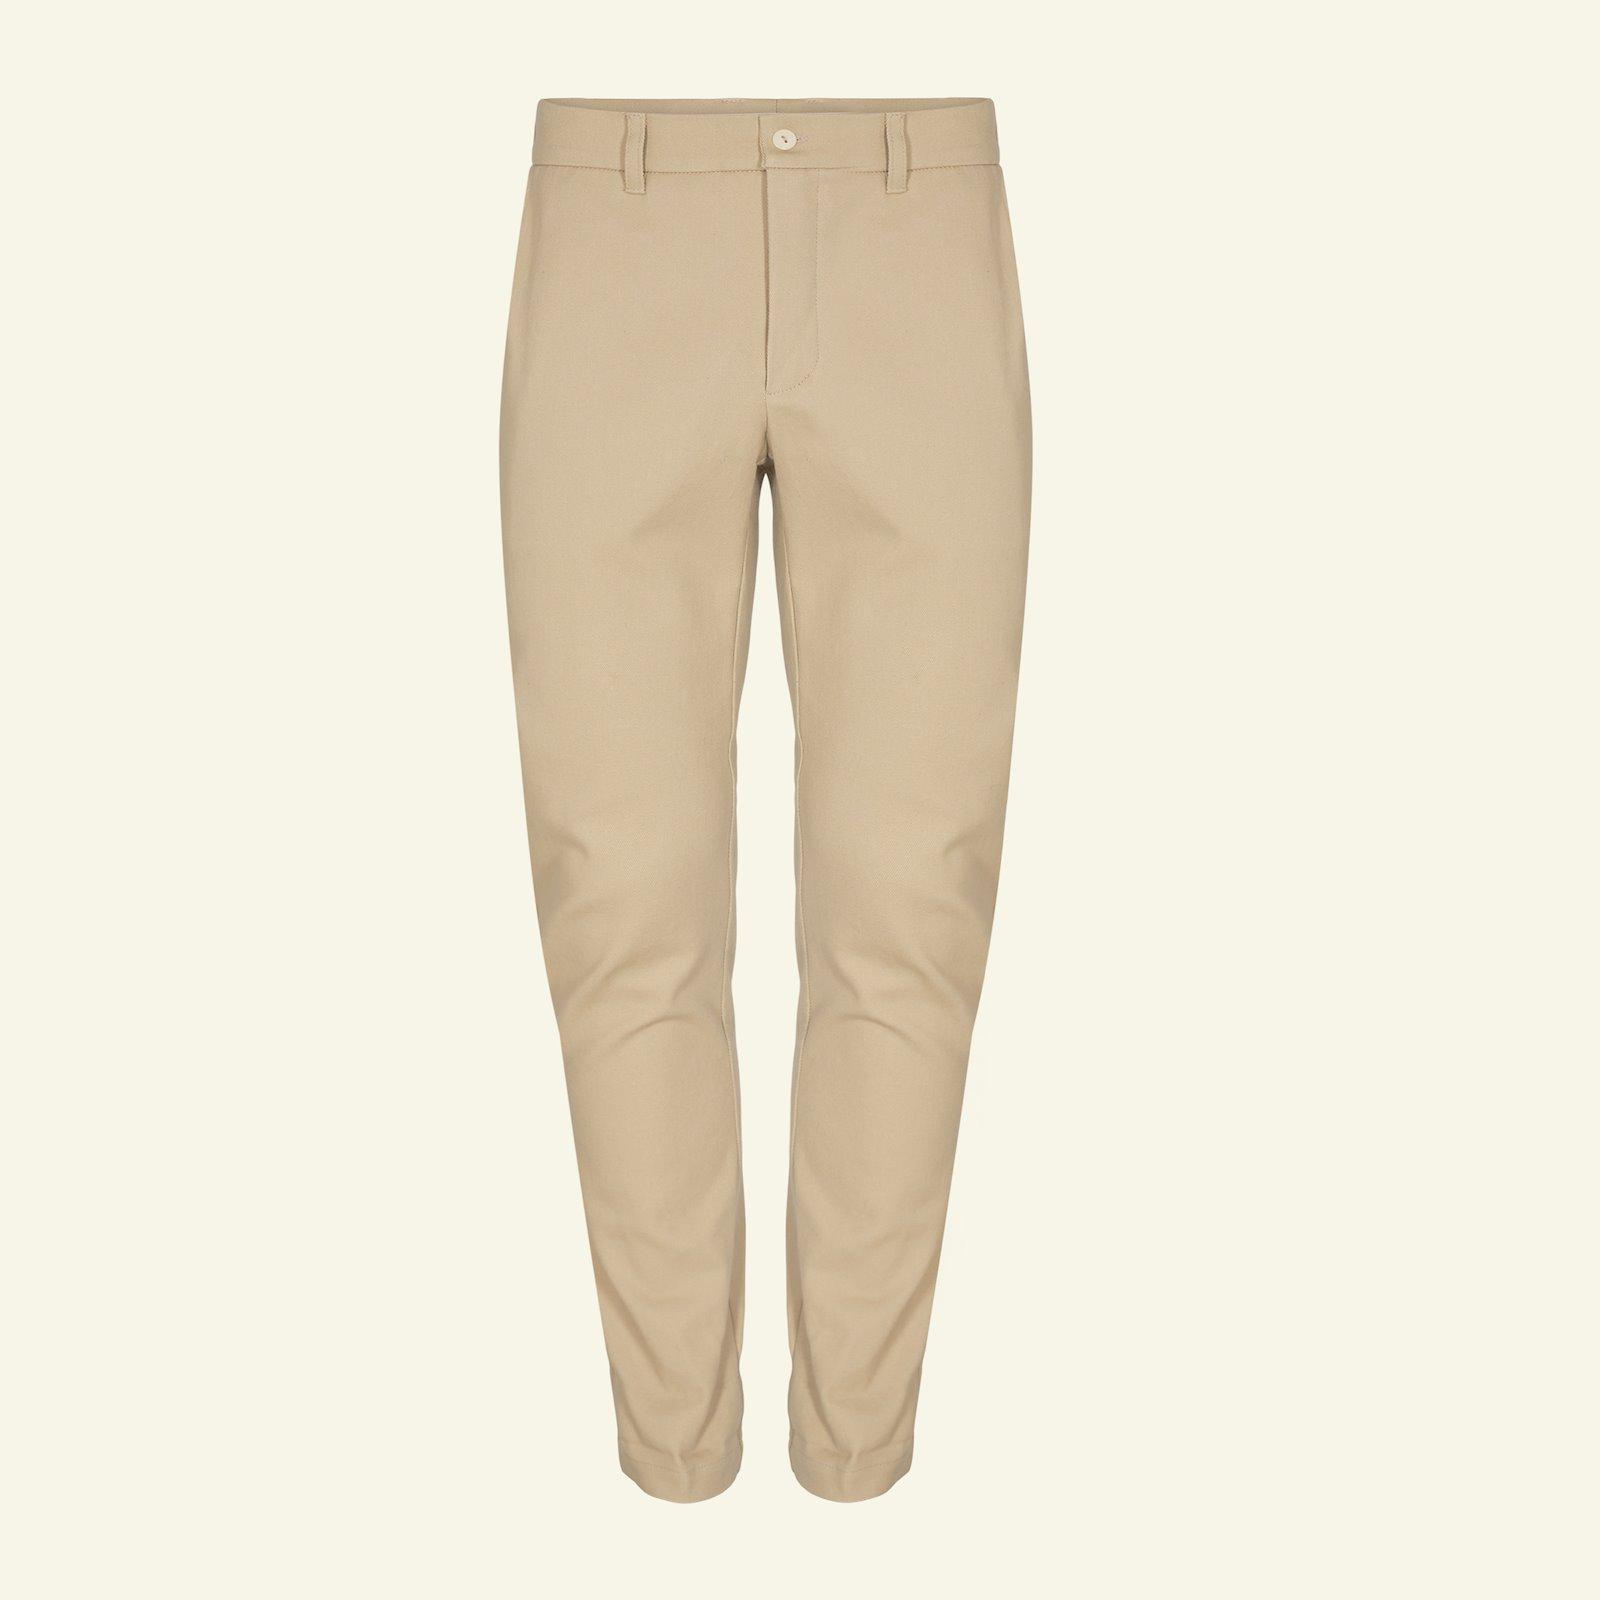 Chino trousers, 52 p85001_460842_sskit